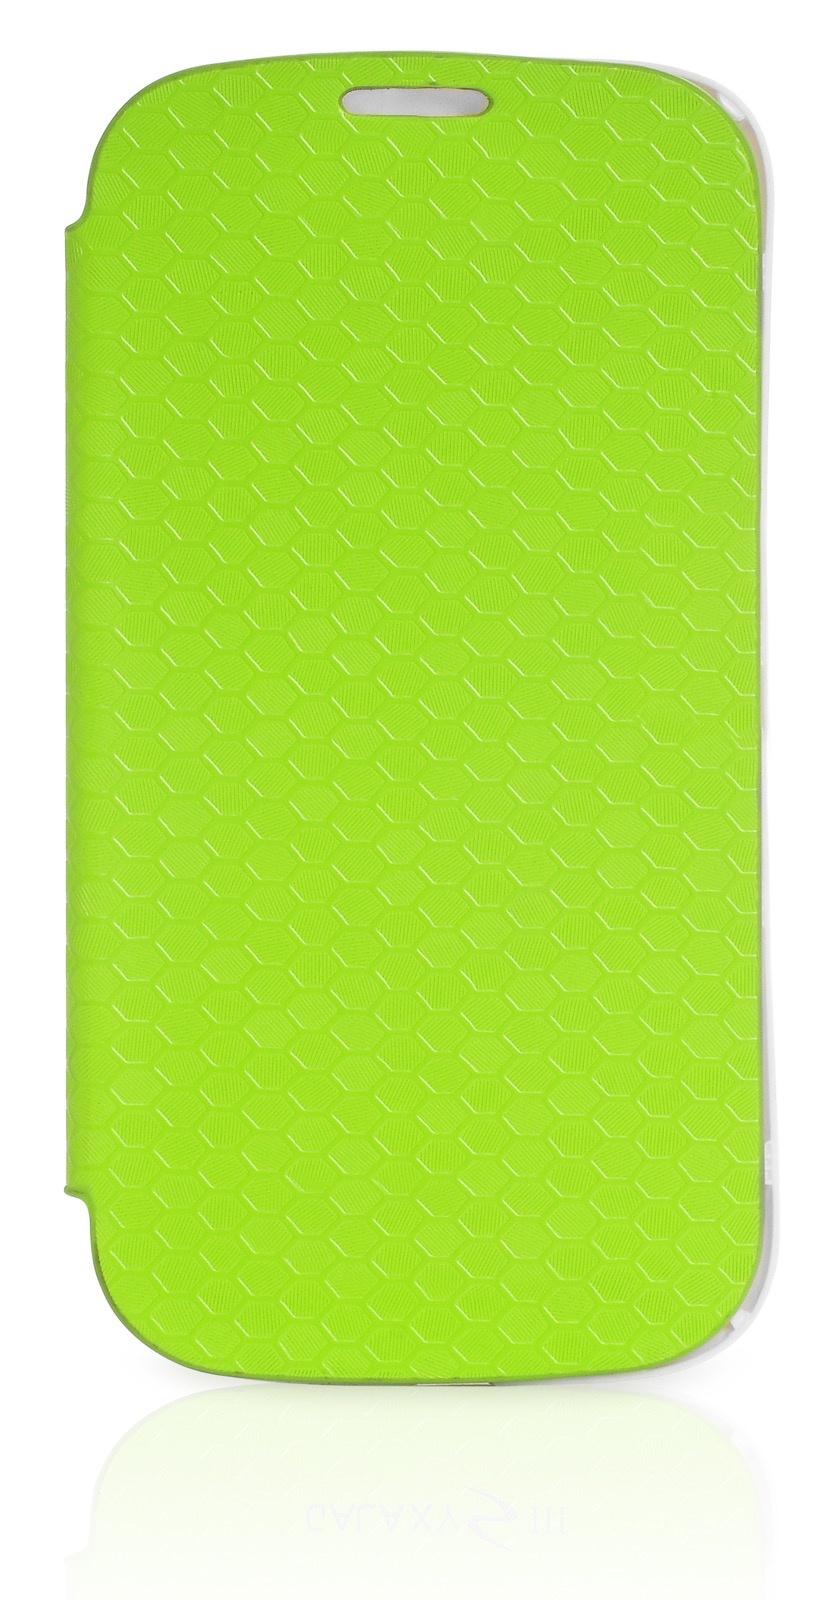 Чехол Gurdini Flip Case соты 380035 для Samsung Galaxy S3,380035, зеленый